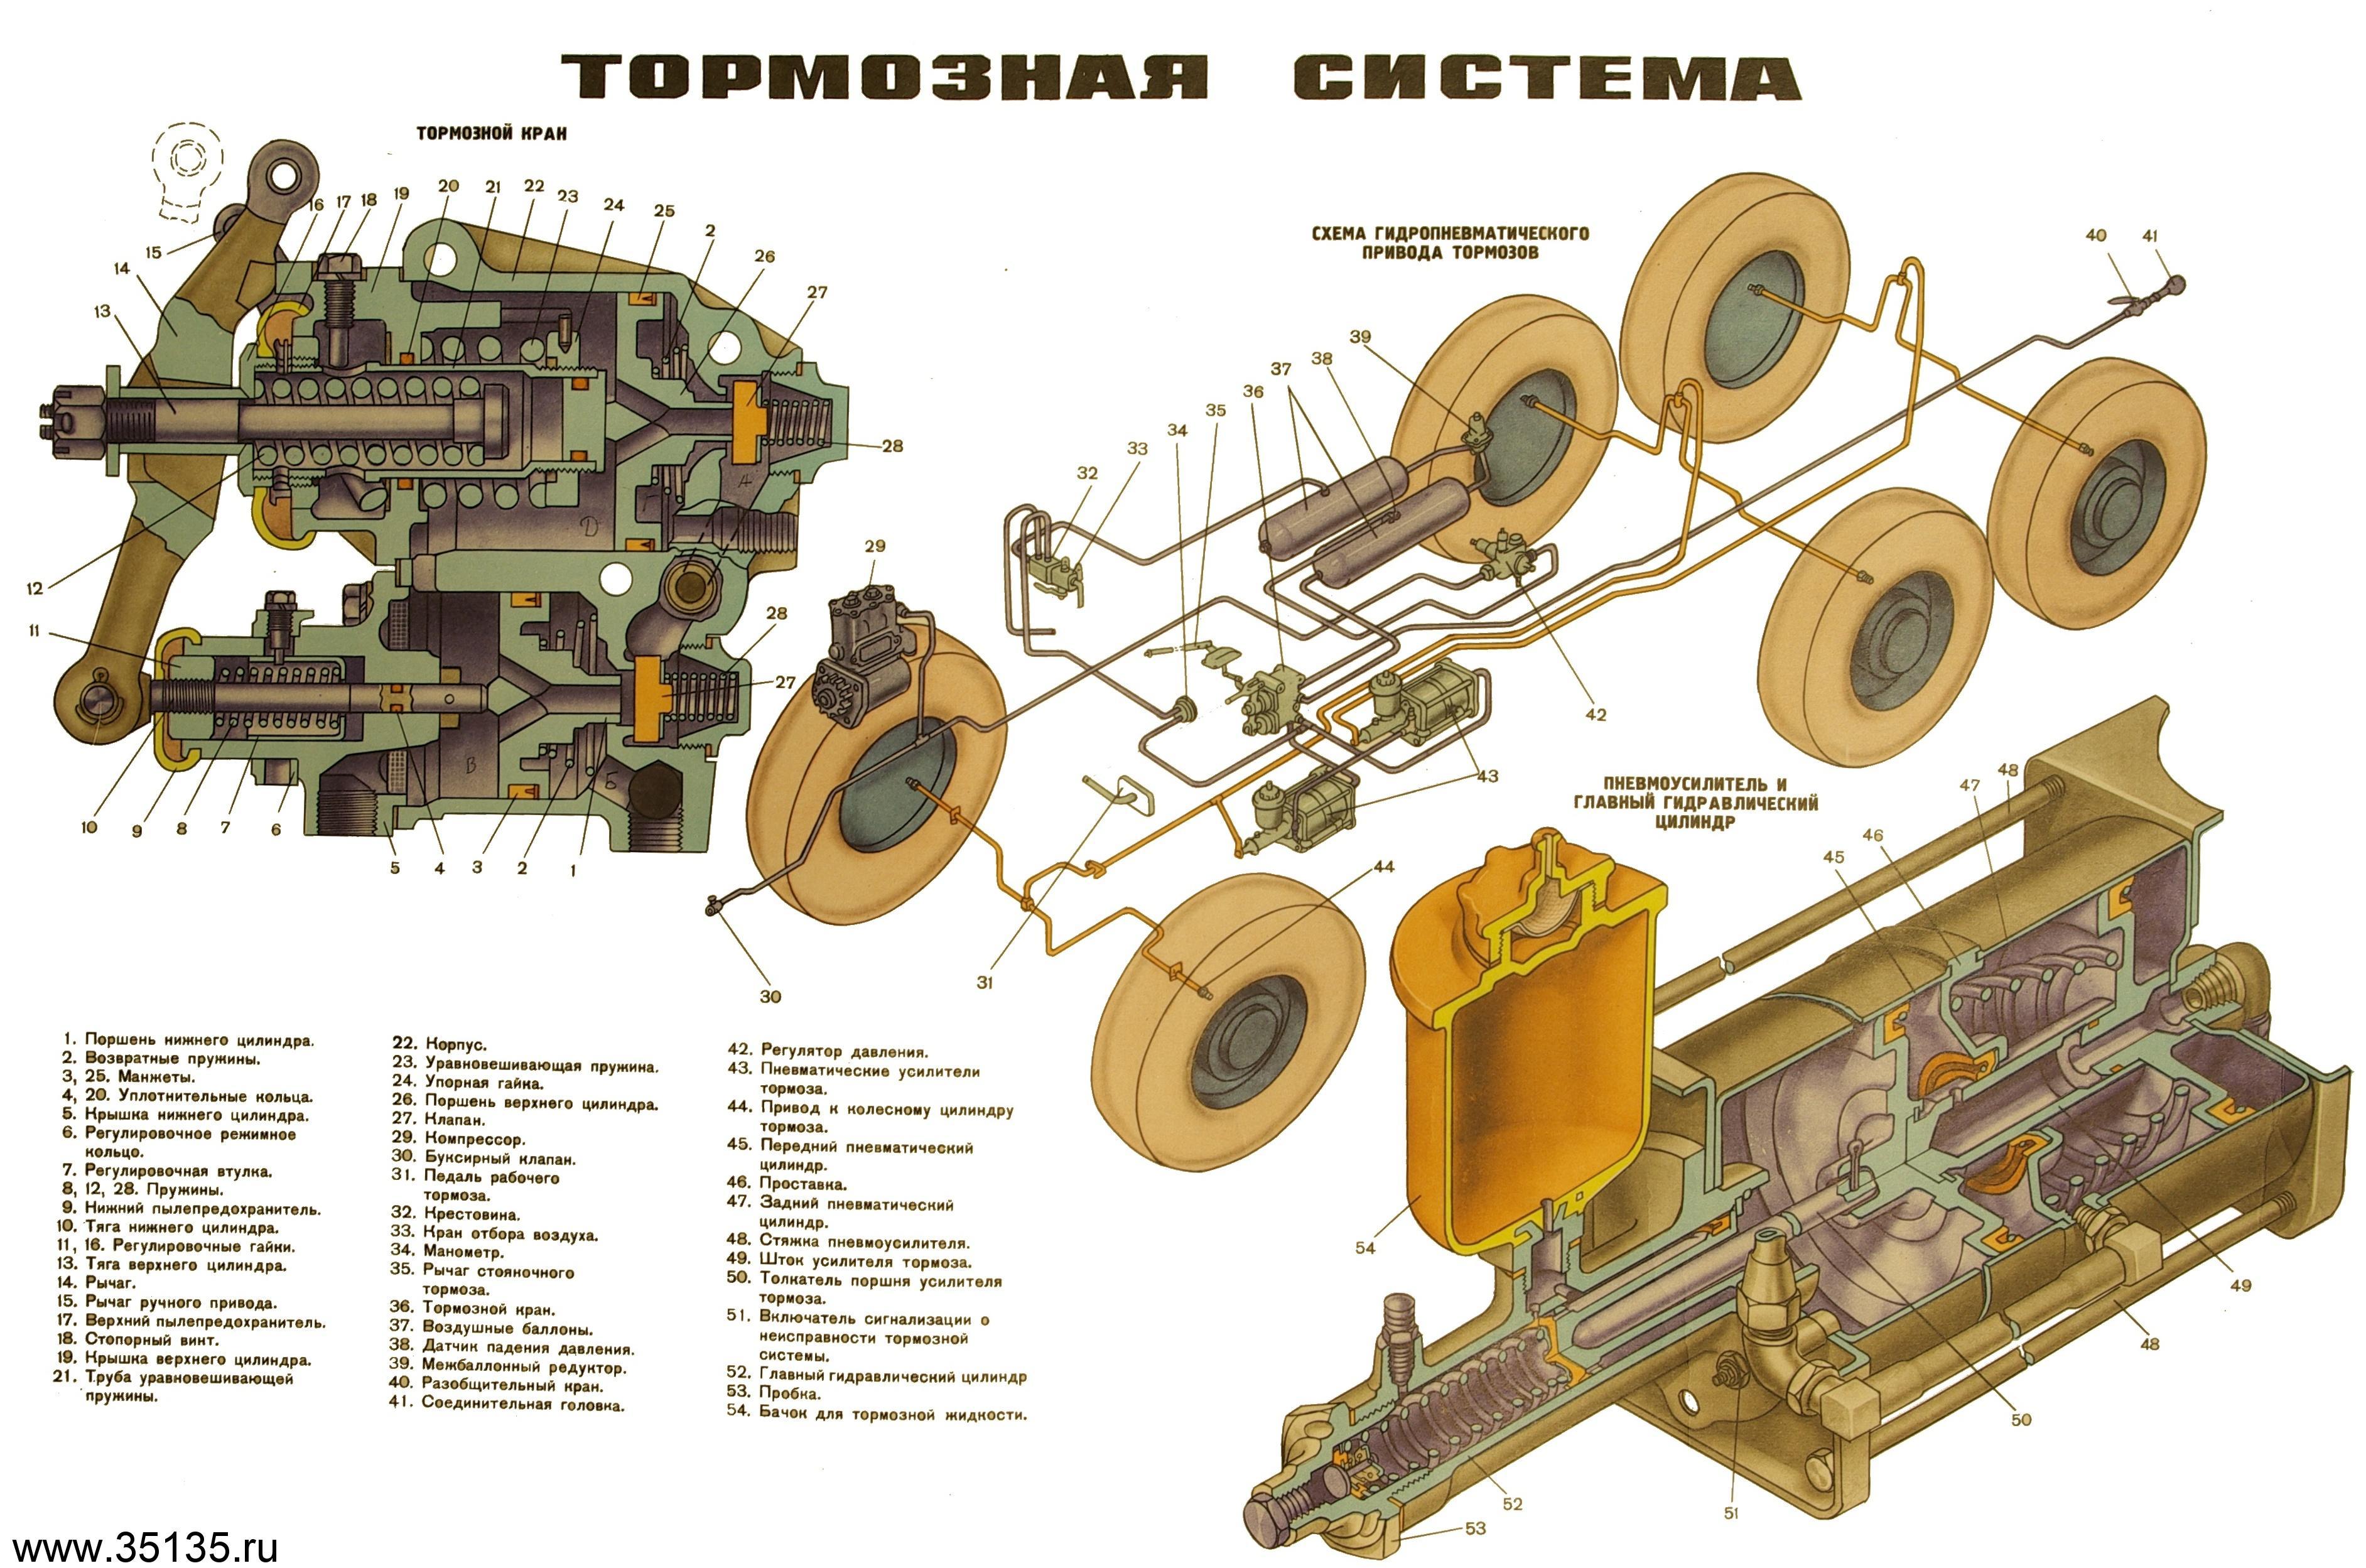 Воздушная система урал 375 схема